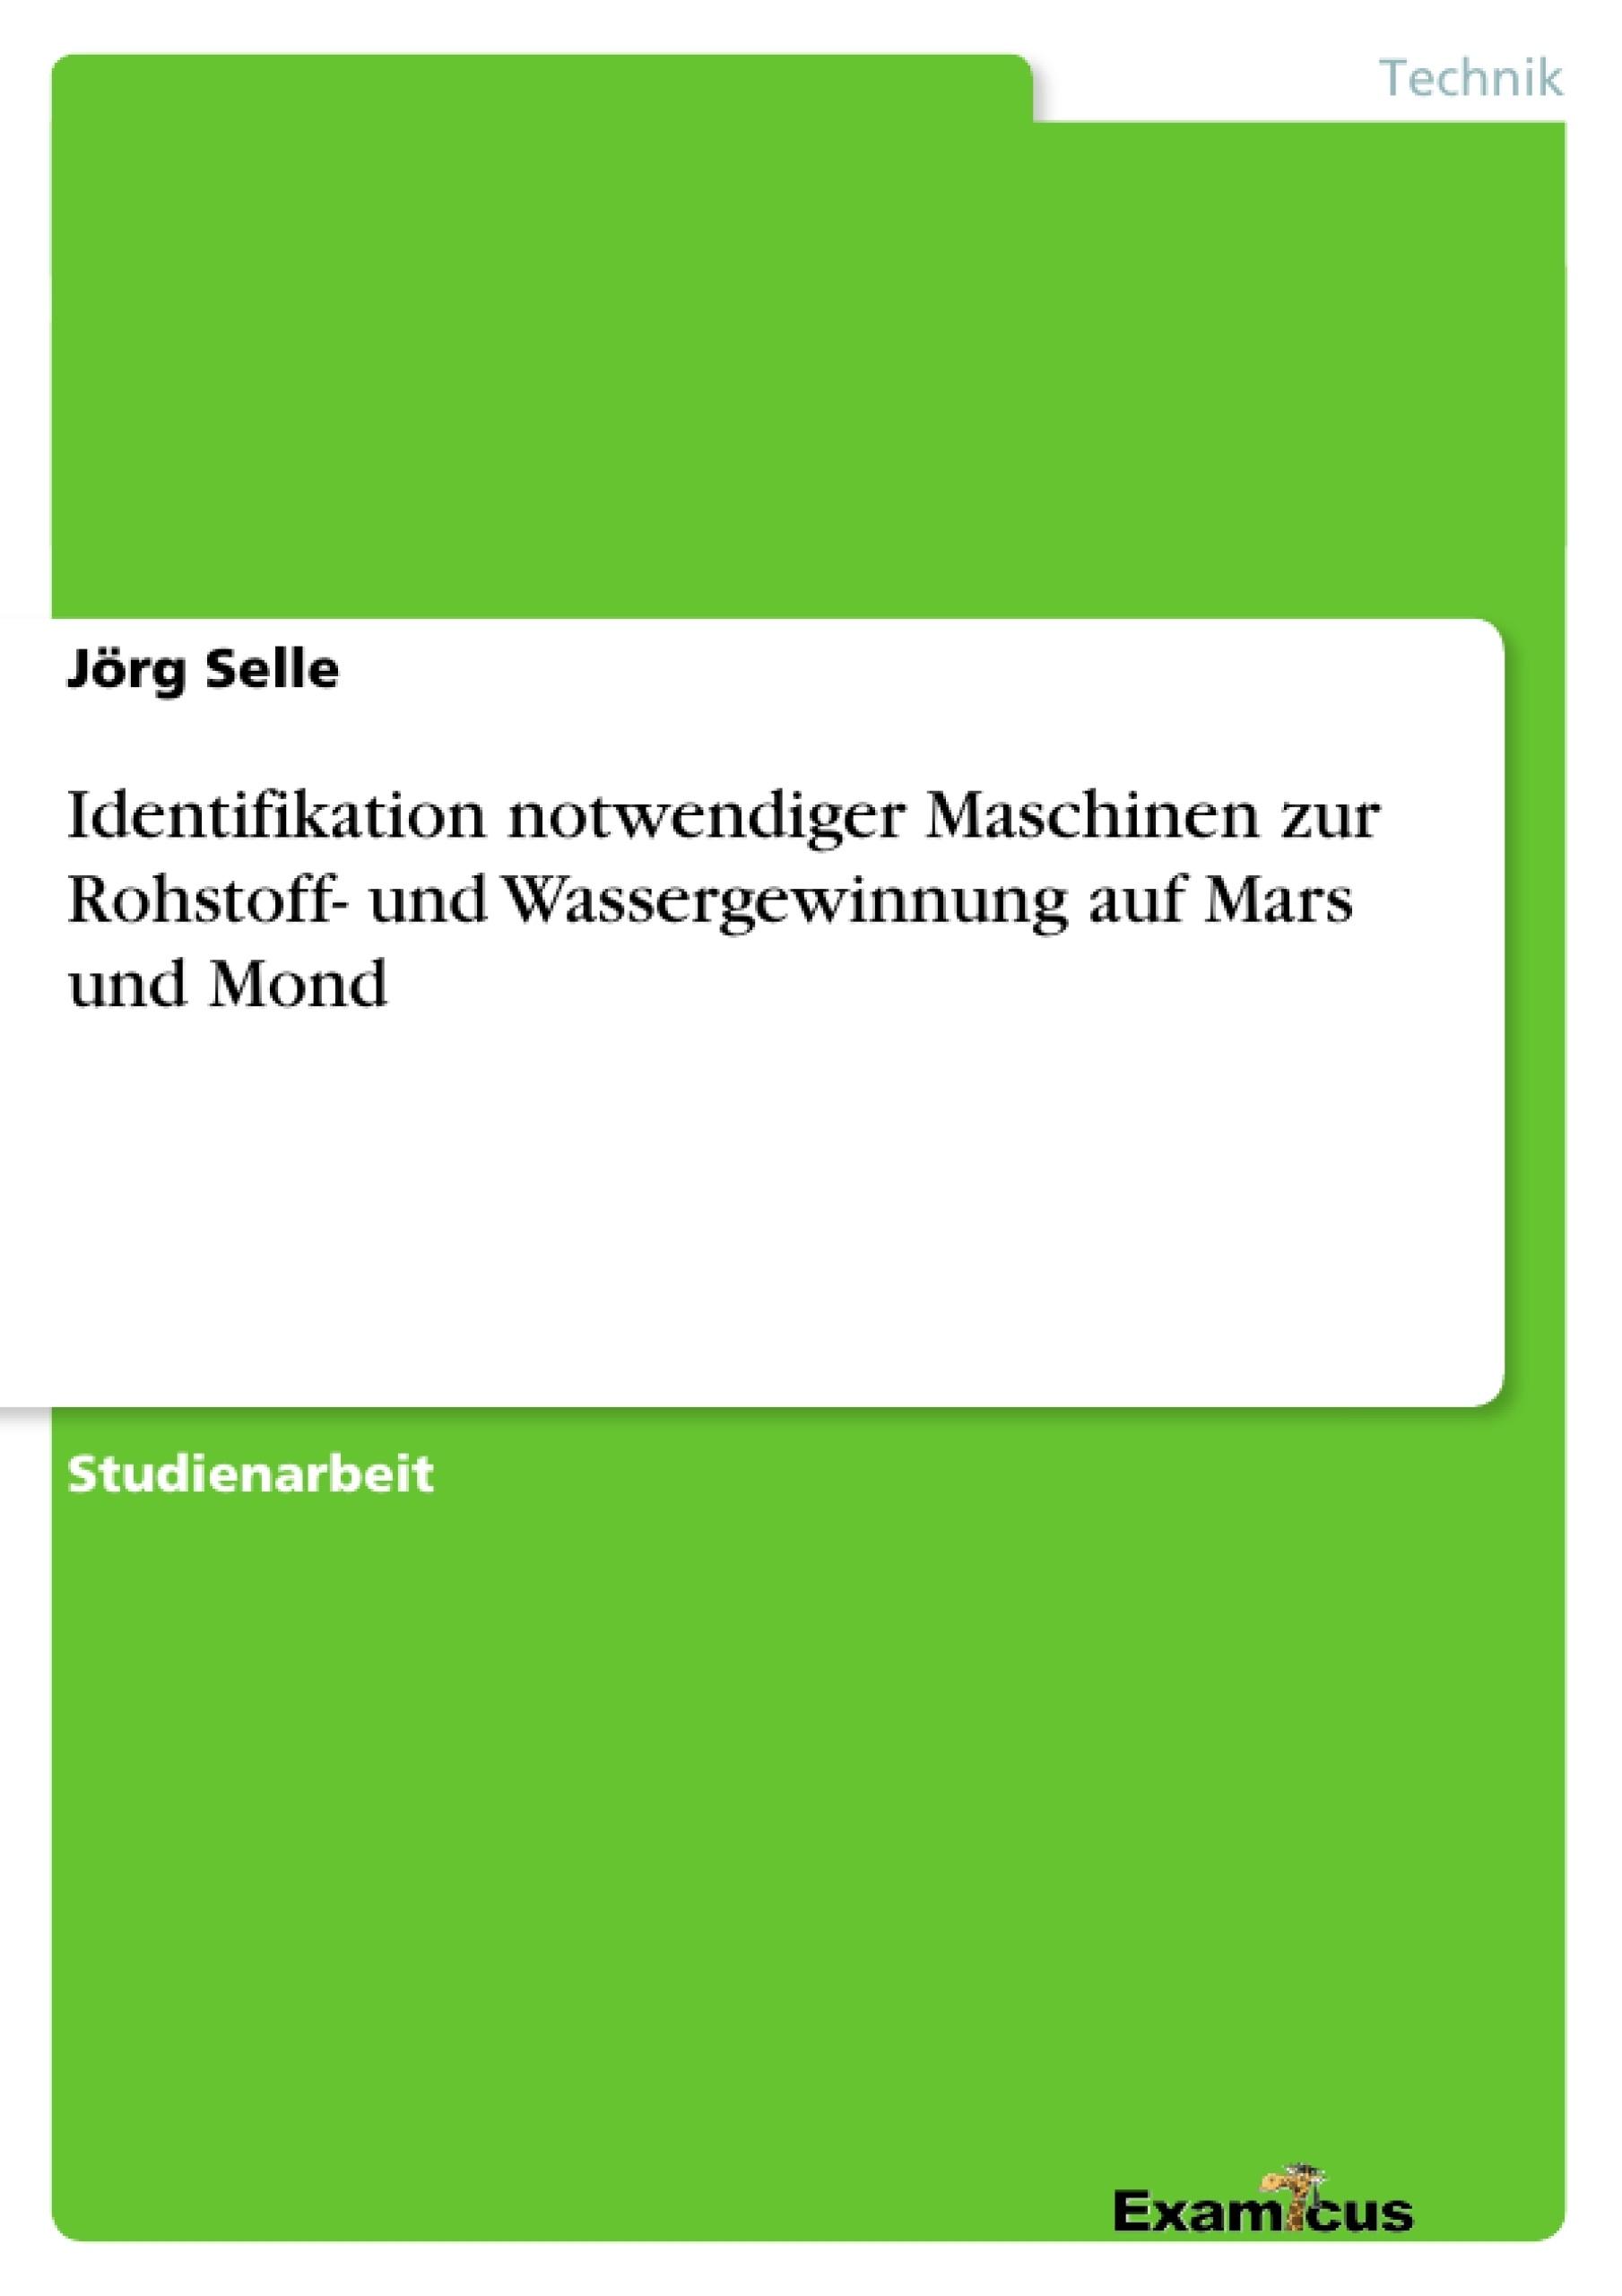 Titel: Identifikation notwendiger Maschinen zur Rohstoff- und Wassergewinnung auf Mars und Mond